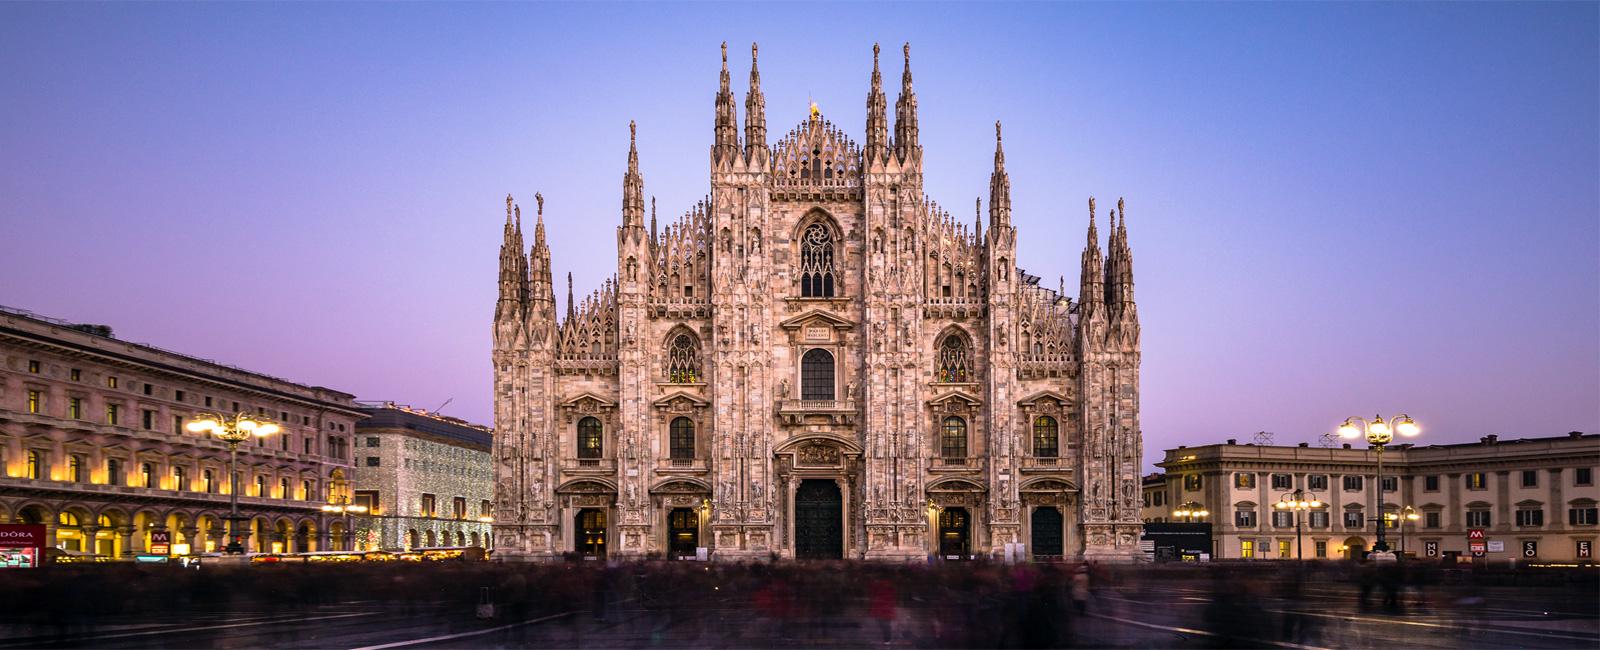 Duomo Medical Academy